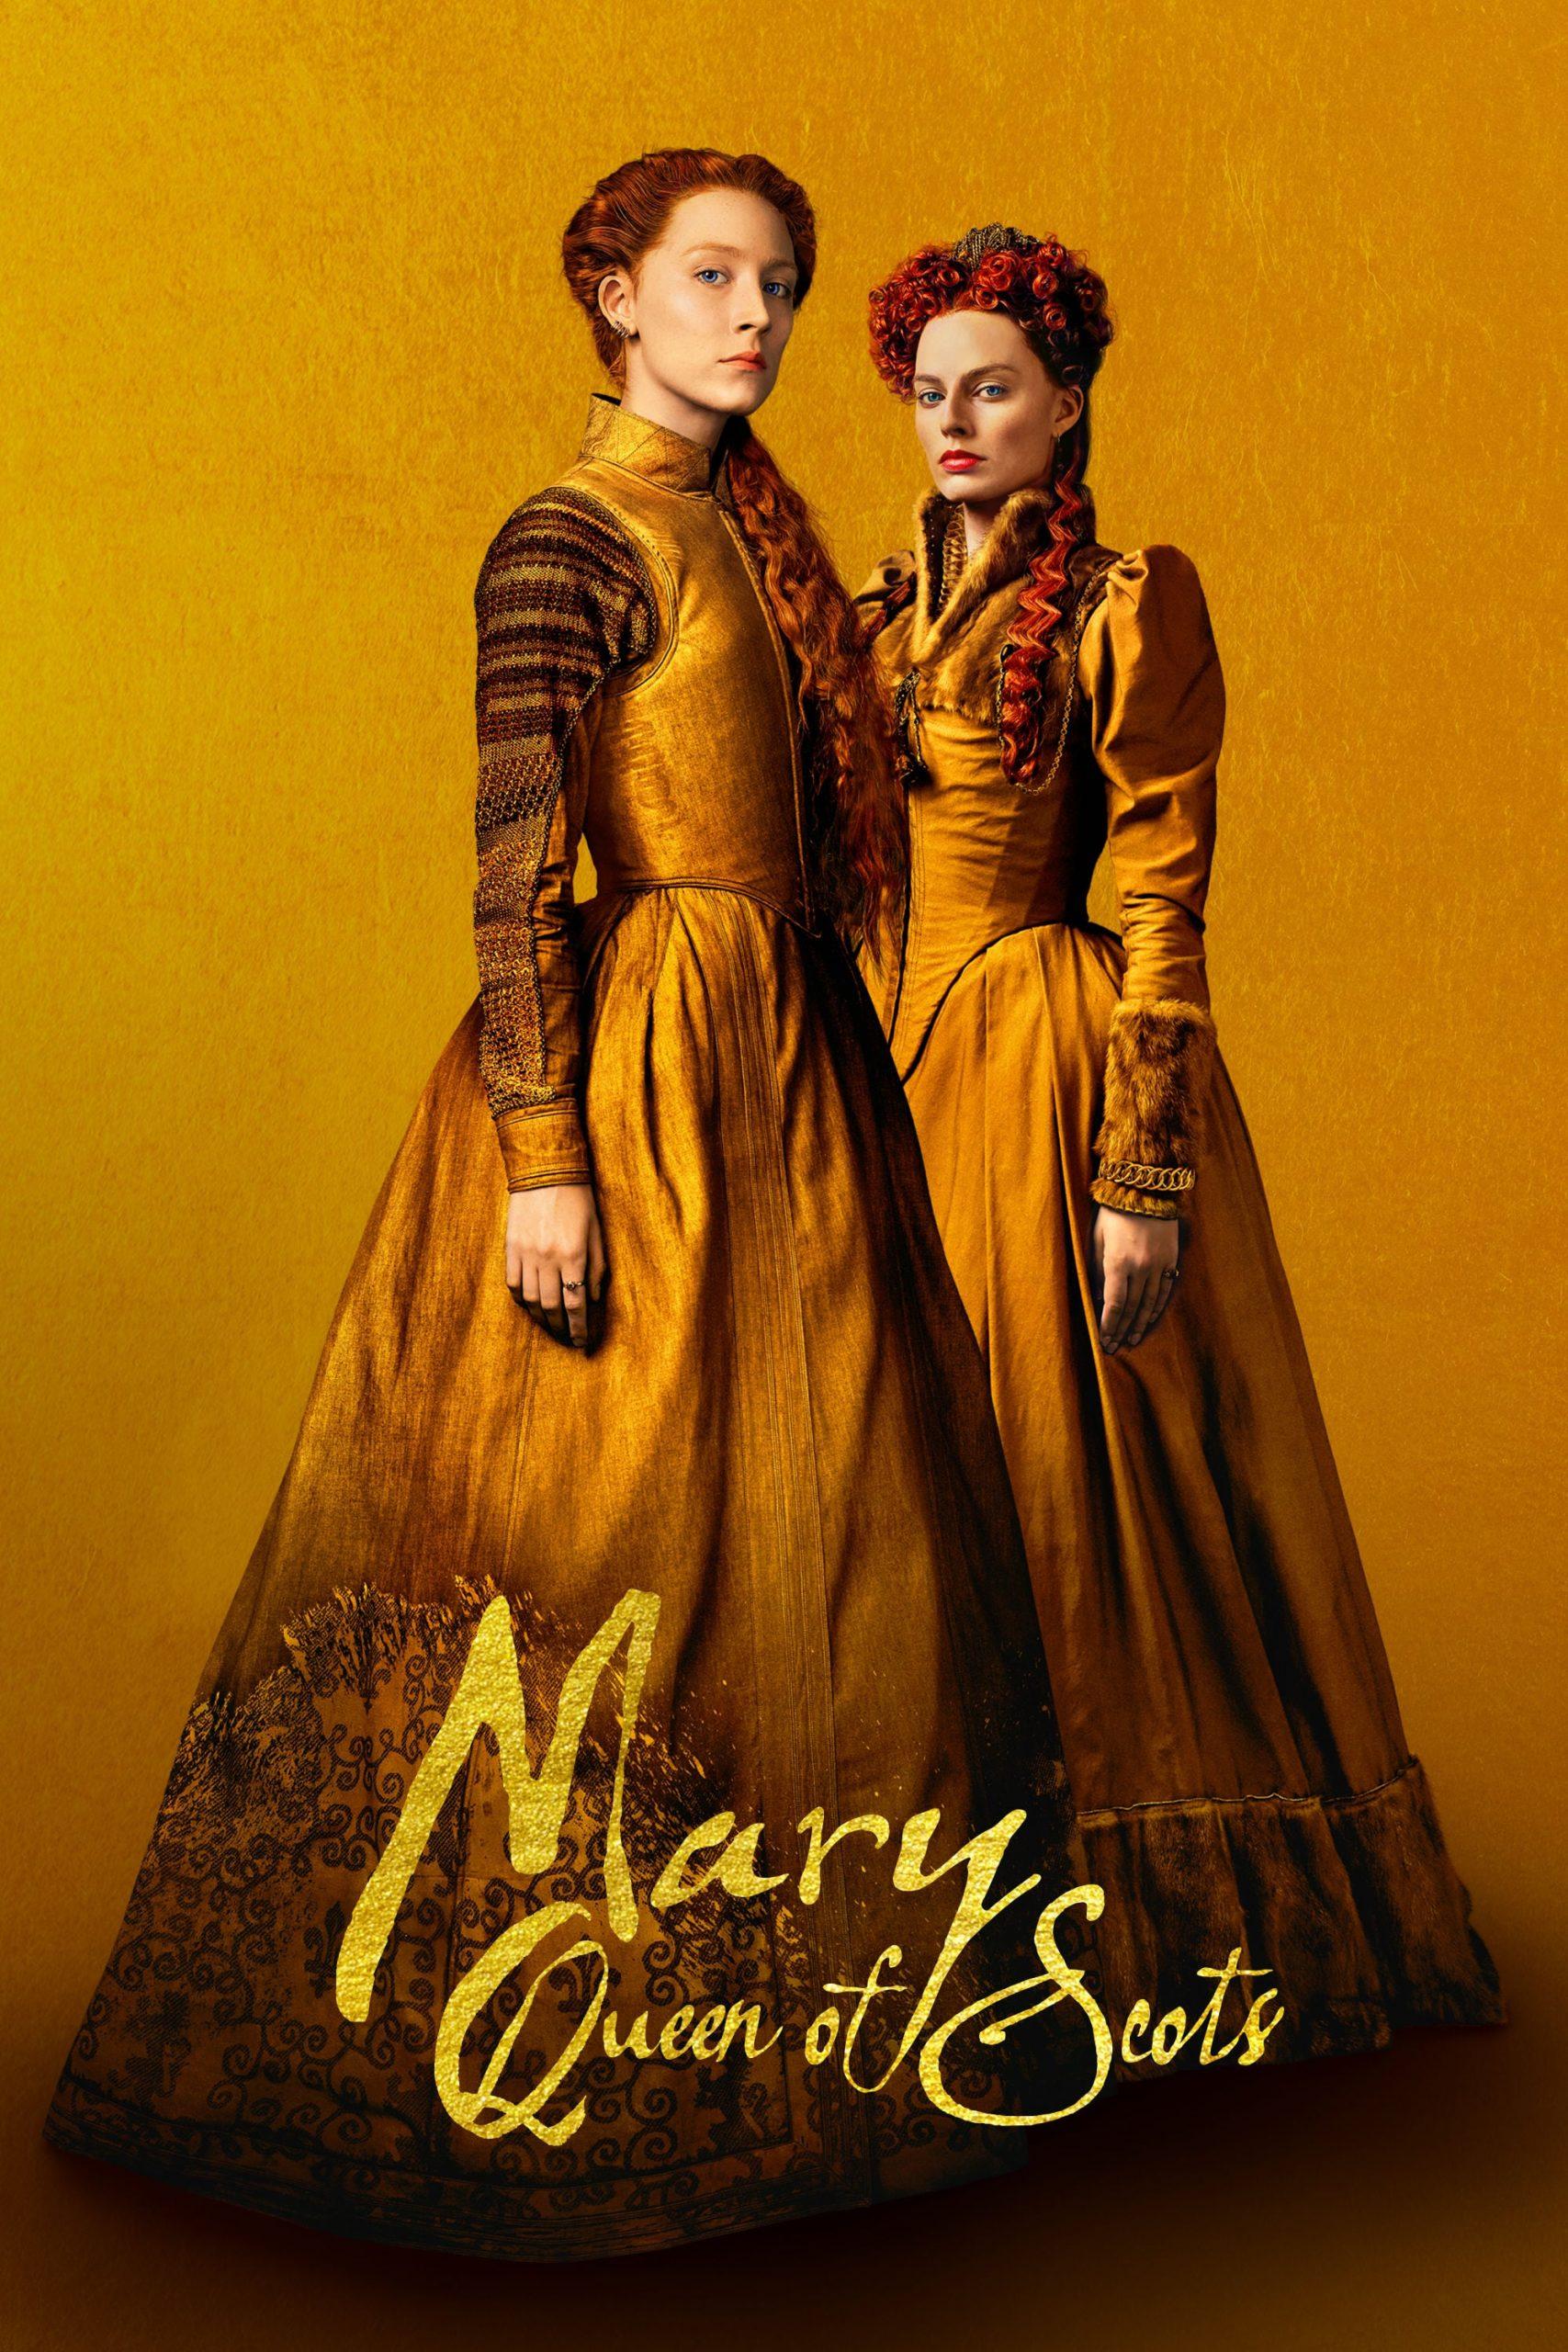 دانلود فیلم Mary Queen of Scots 2018 با دوبله فارسی